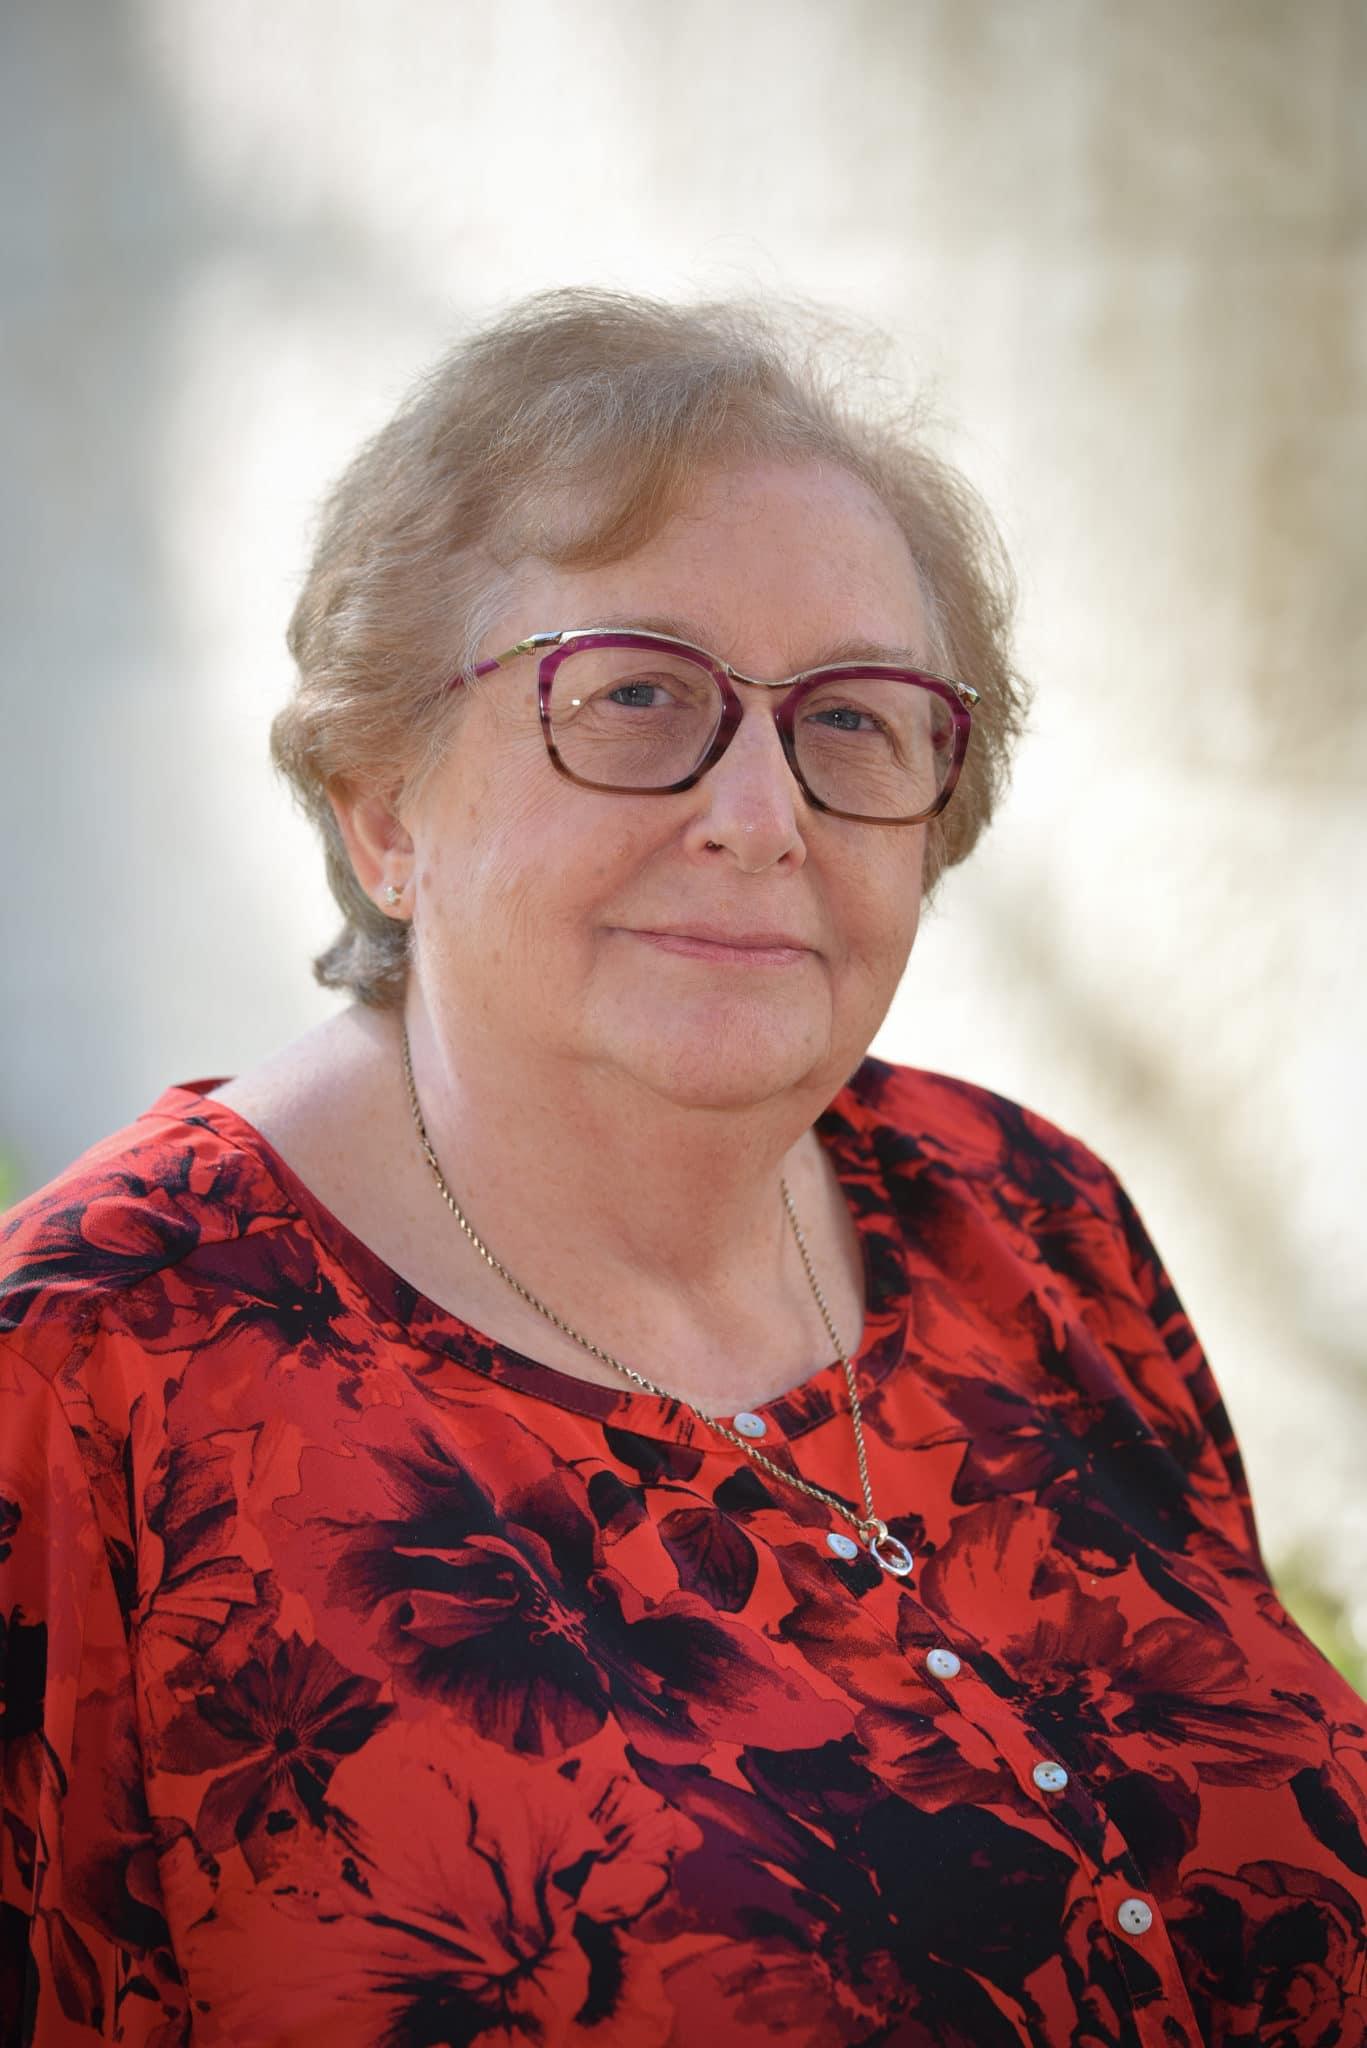 Barbara Seiden